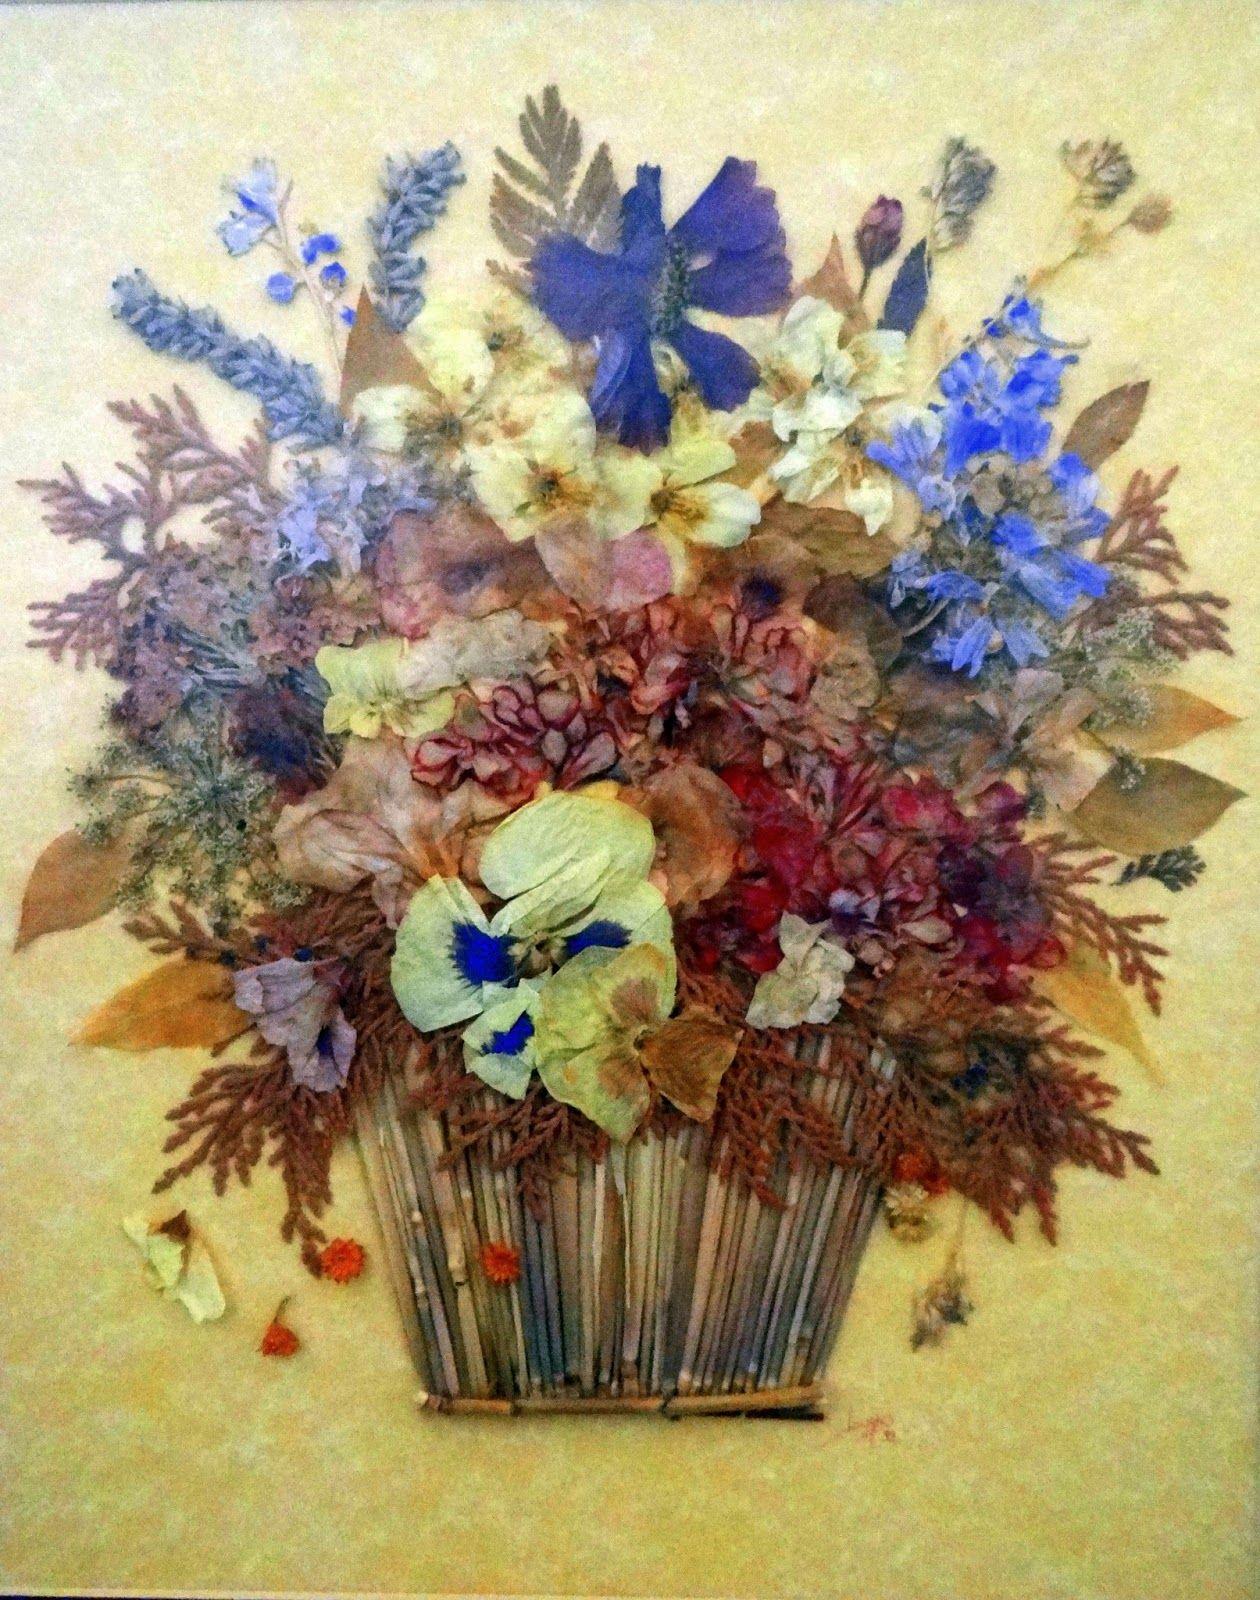 Flores secas cuadros con flores secas pinterest - Arreglos florales con flores secas ...